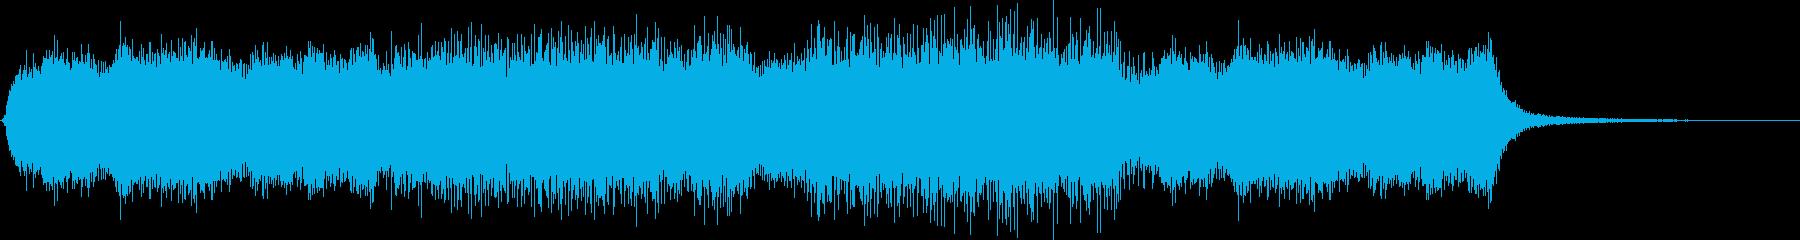 ガーン(バッドエンド、ゲームオーバー音)の再生済みの波形